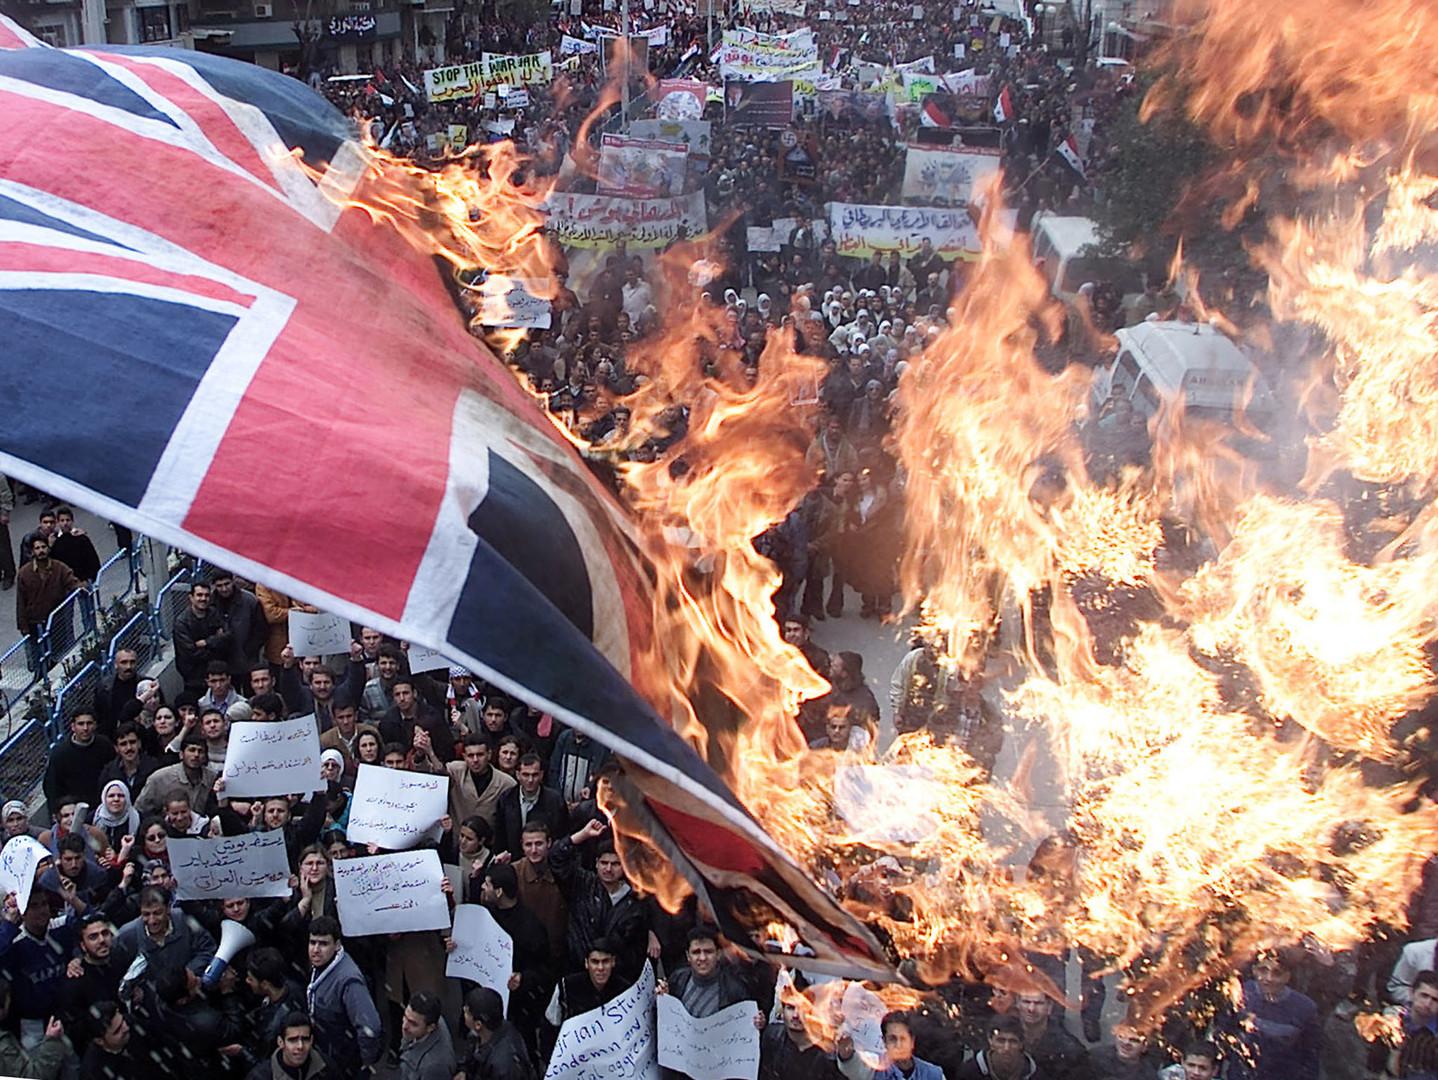 Wütende Demonstranten verbrennen eine britische Fahne in Damaskus im März 2003. Hunderttausende protestierten gegen den beginnenden Irak-Krieg.